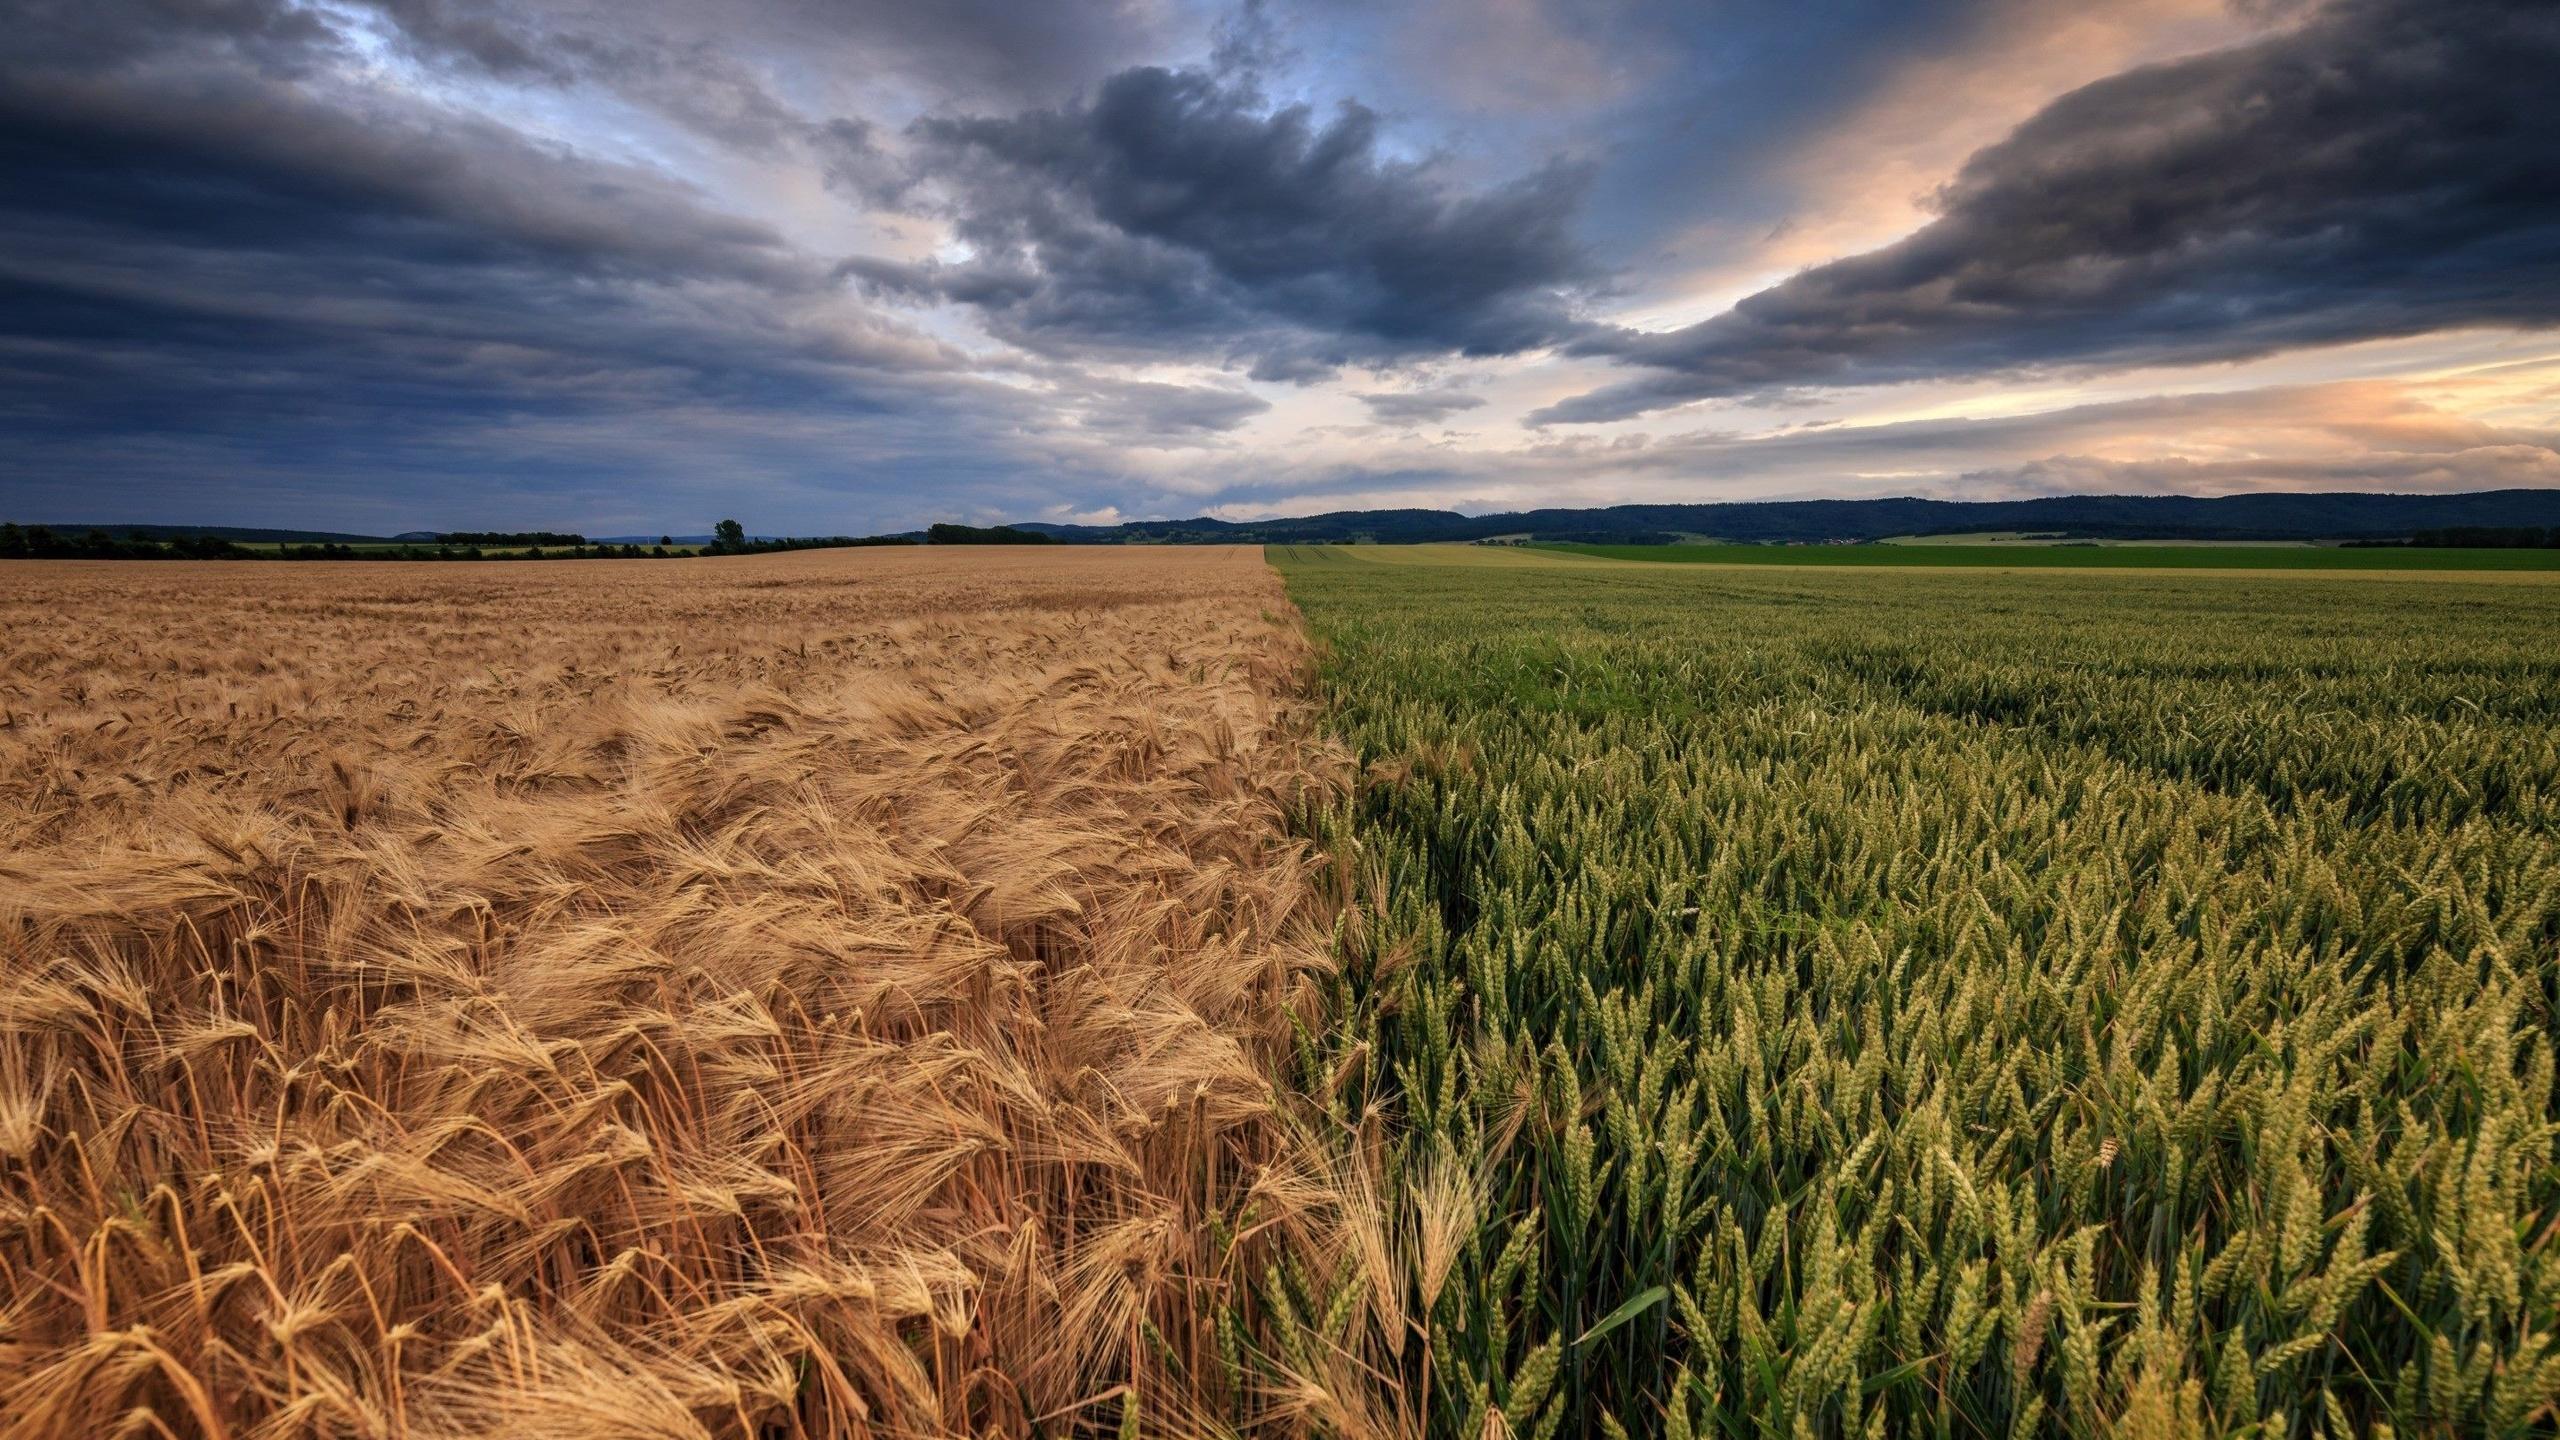 картинка рядом с полем более распространенным